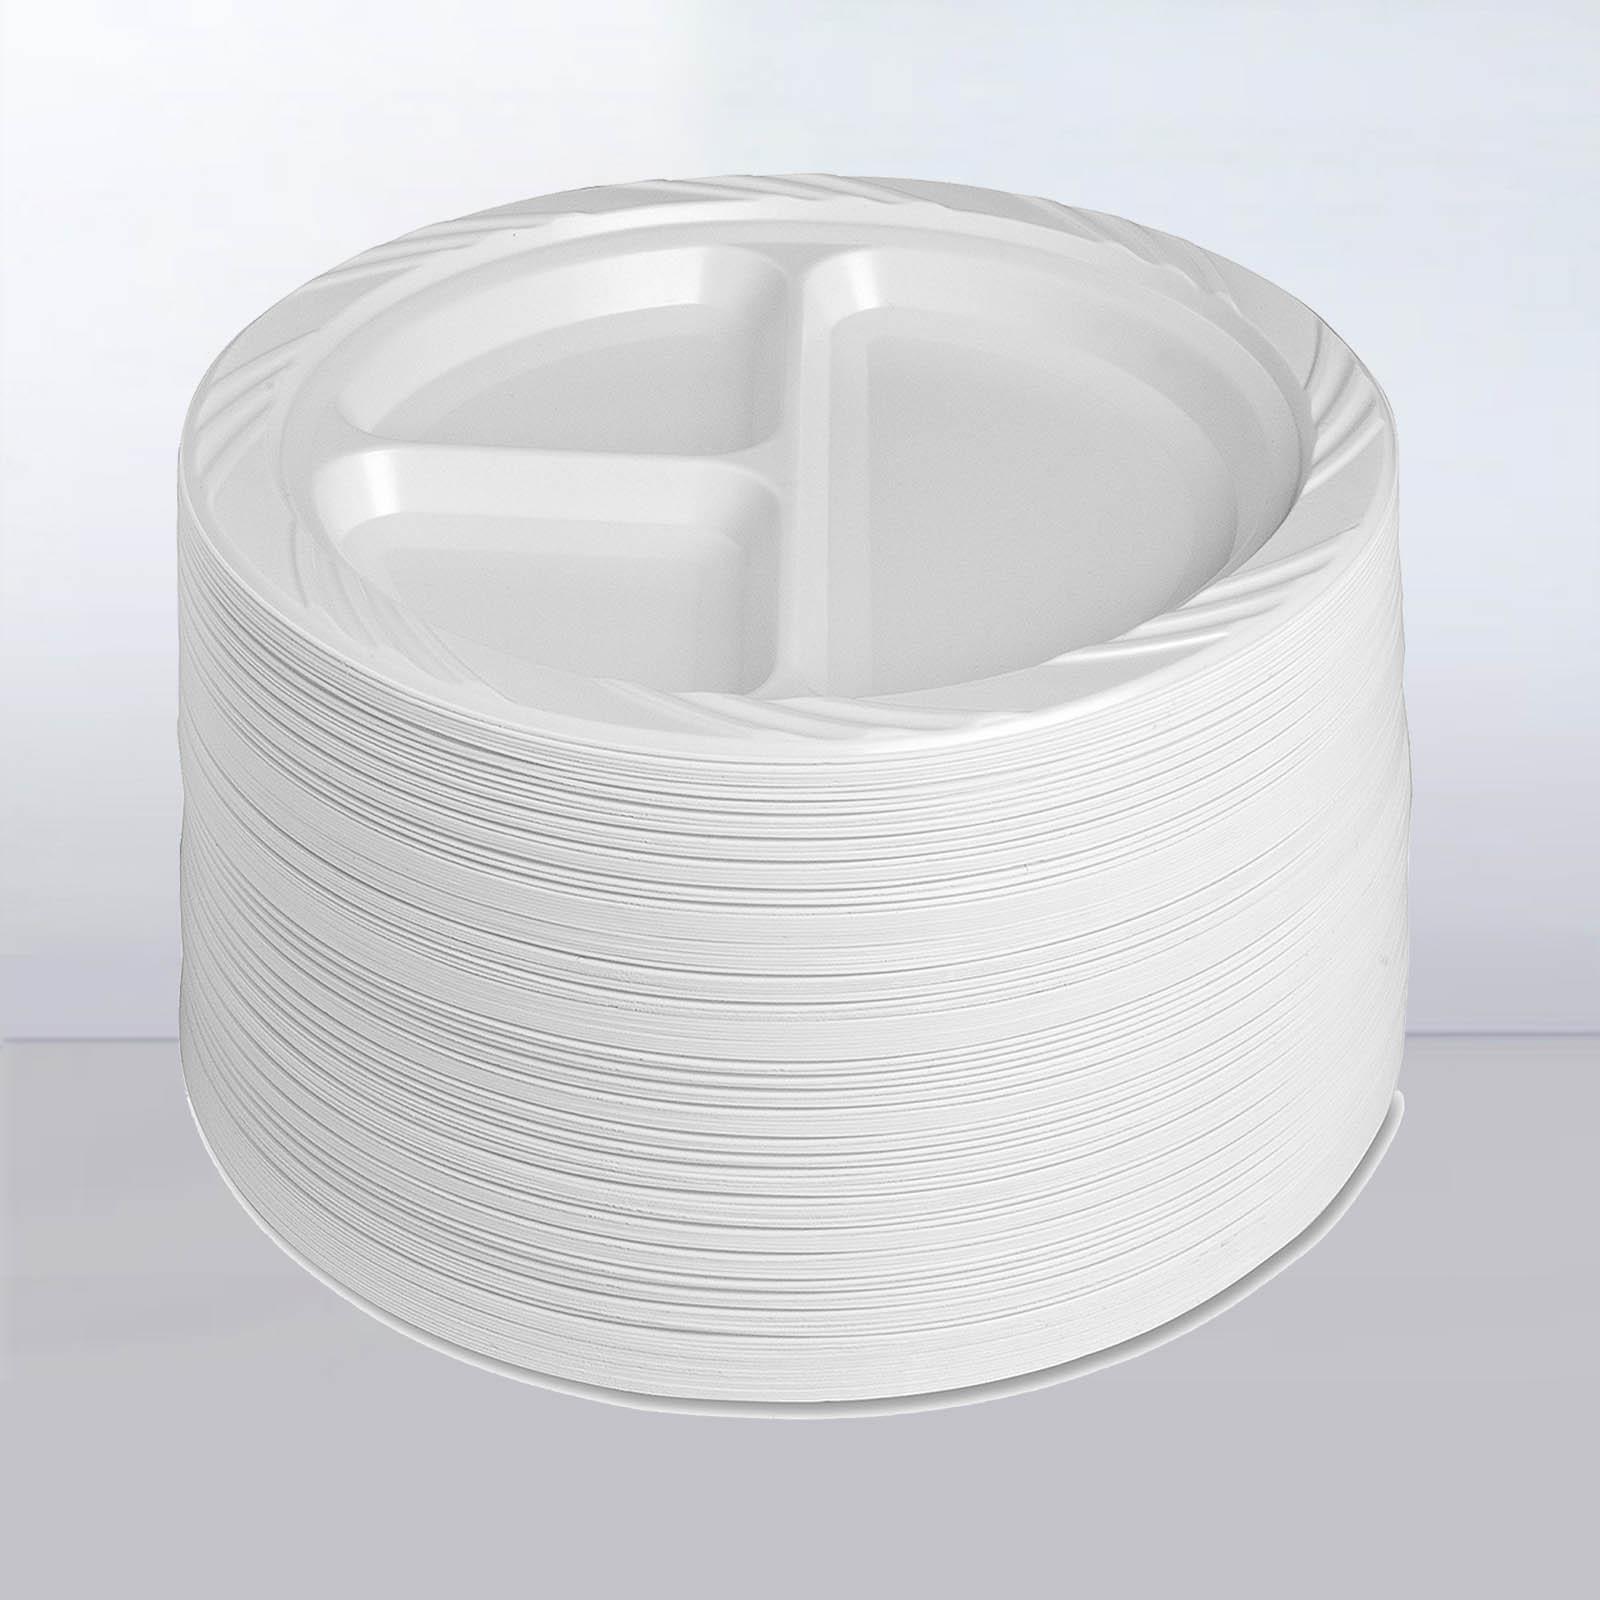 注塑级级降解材料应用-仿瓷餐具